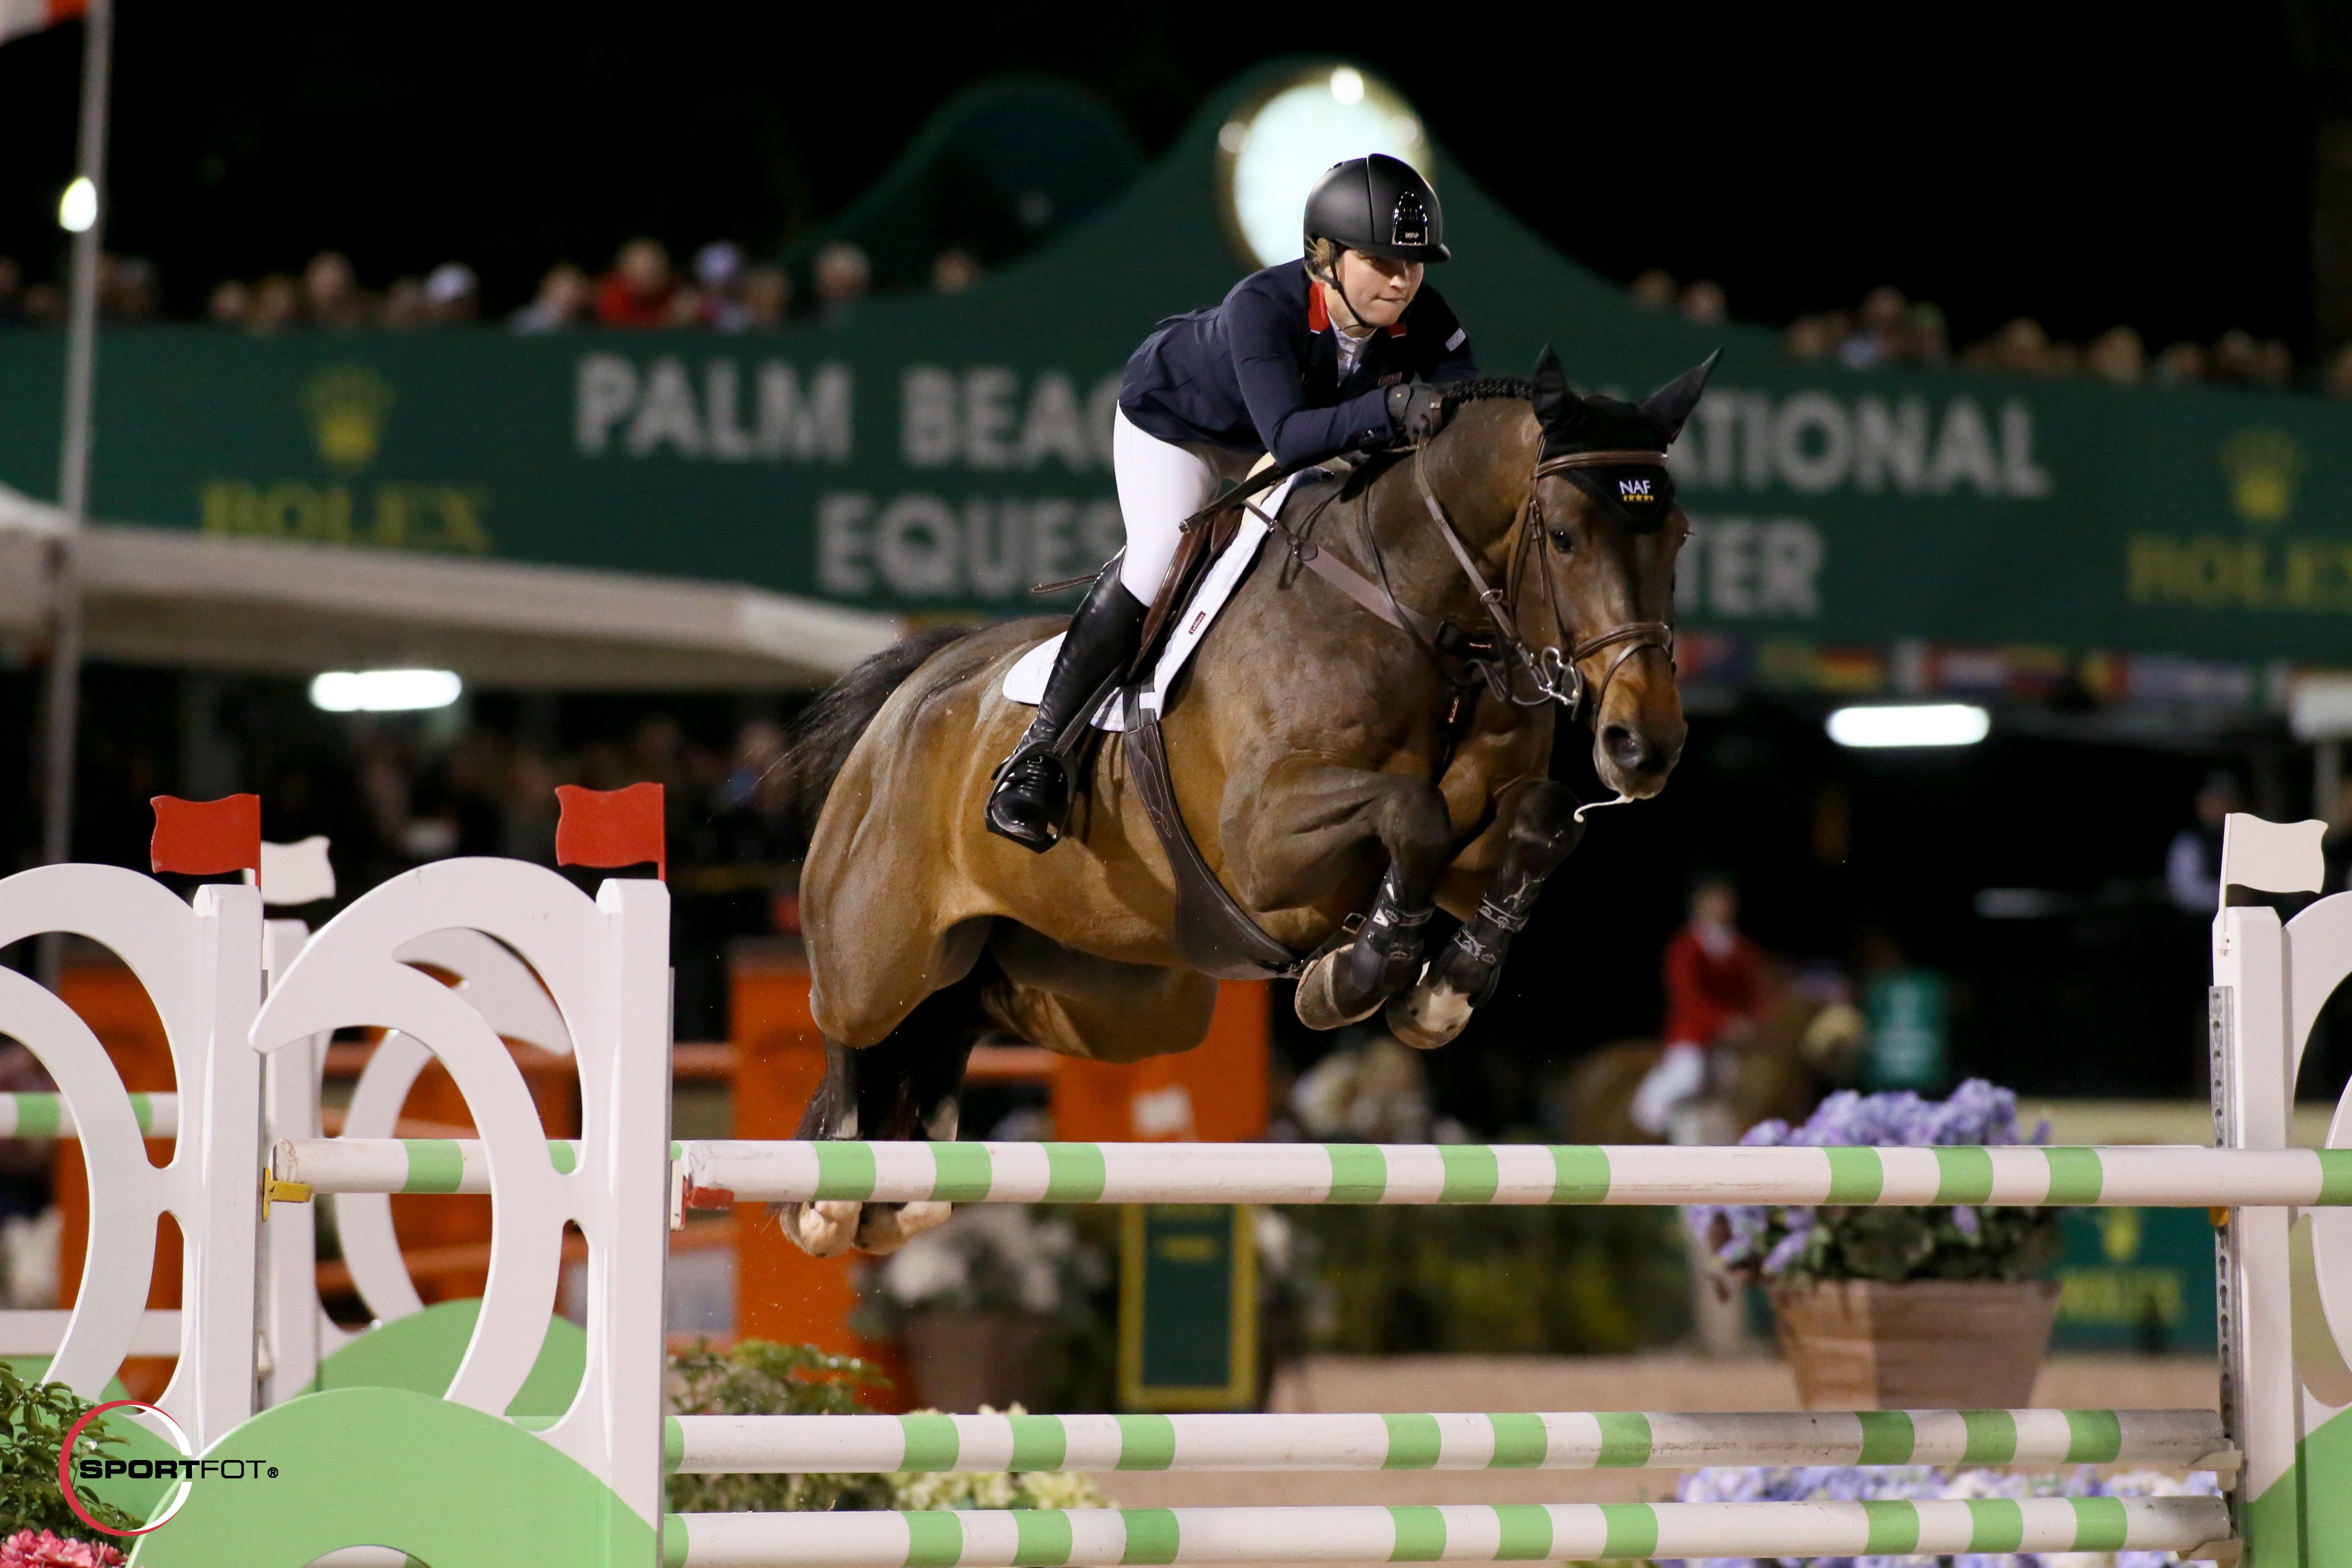 Emily Moffitt and Hilfiger van de Olmenhoeve 319_0008 Sportfot